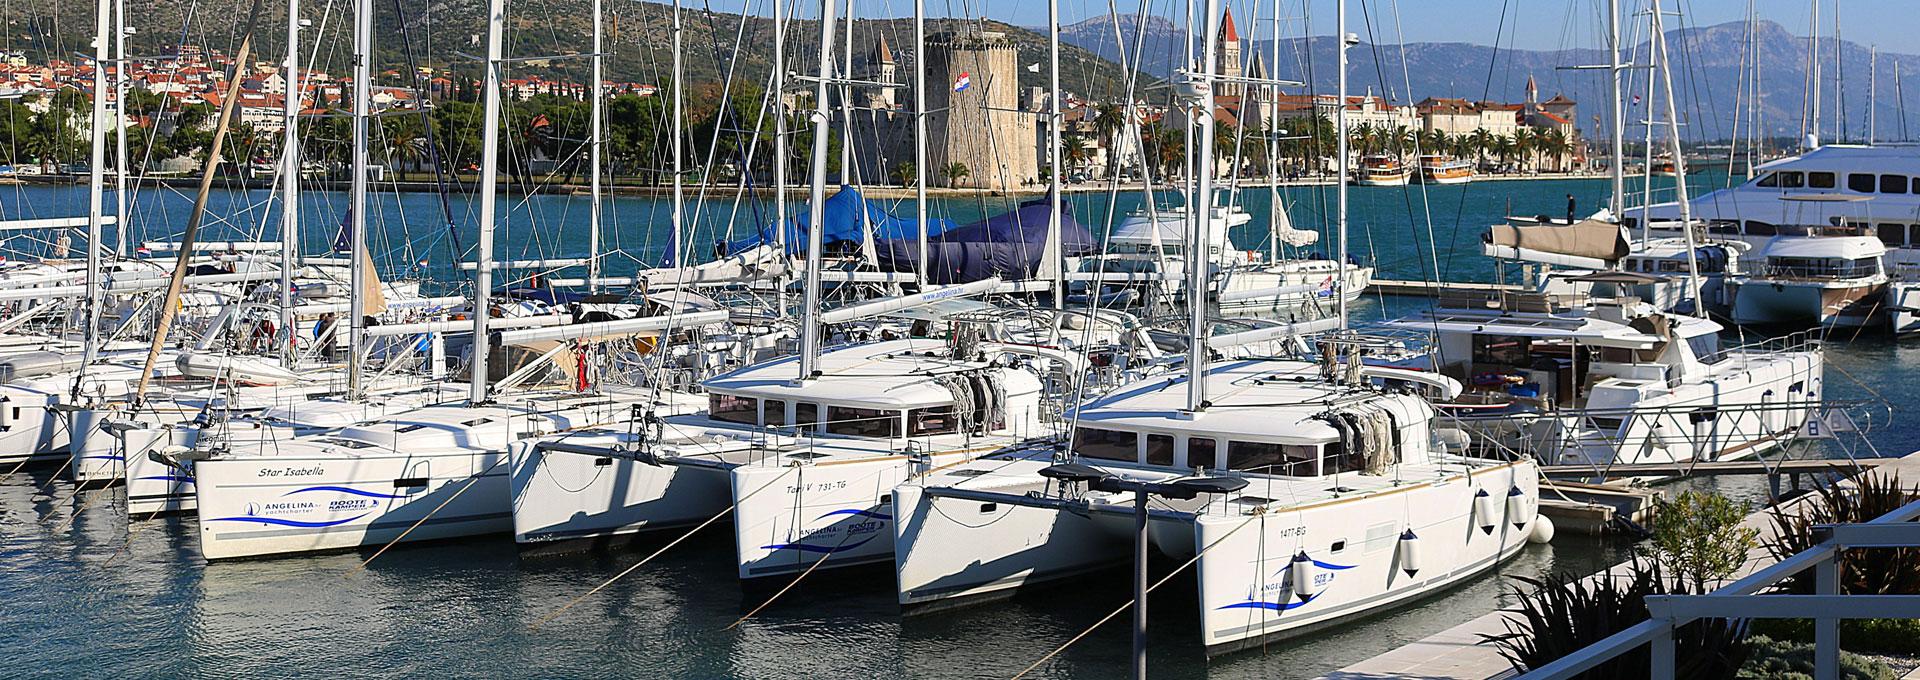 ACI Marina Vodice, Kroatien